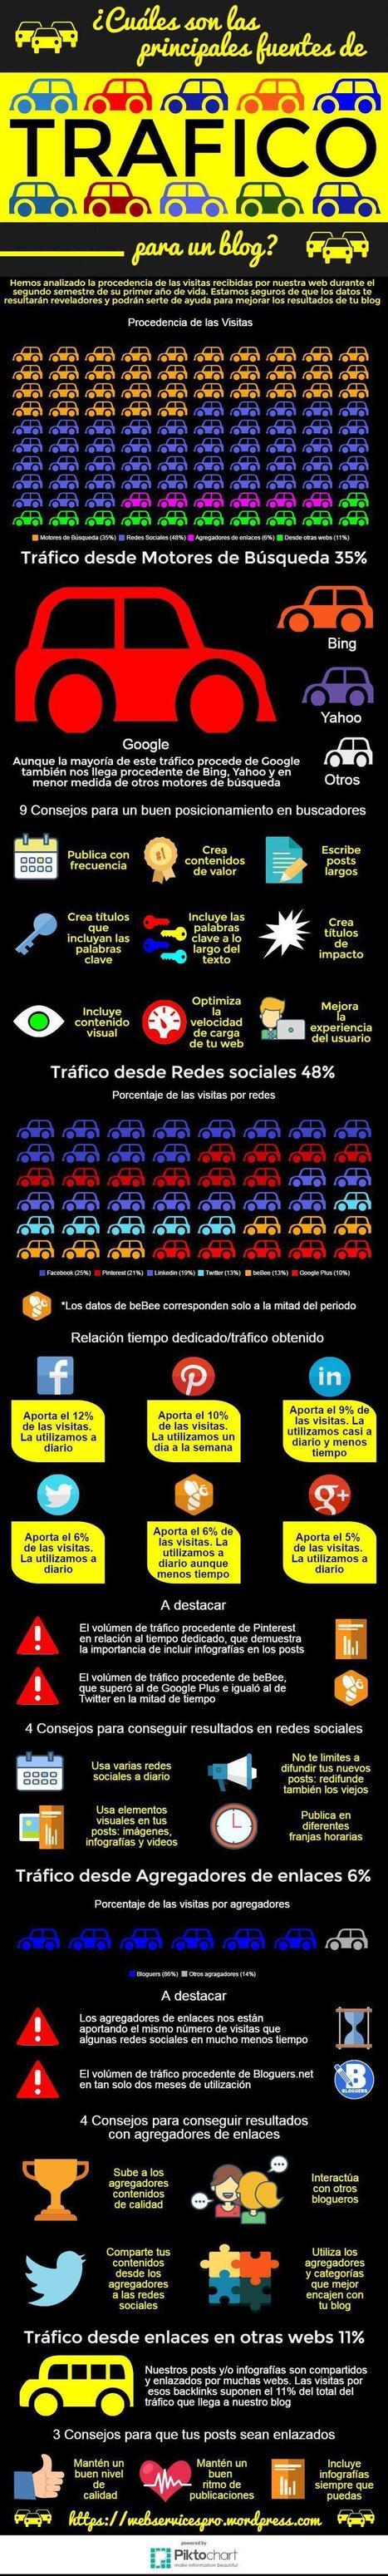 Principales fuentes de tráfico para un Blog #infografia #infographic #socialmedia | Educacion, ecologia y TIC | Scoop.it